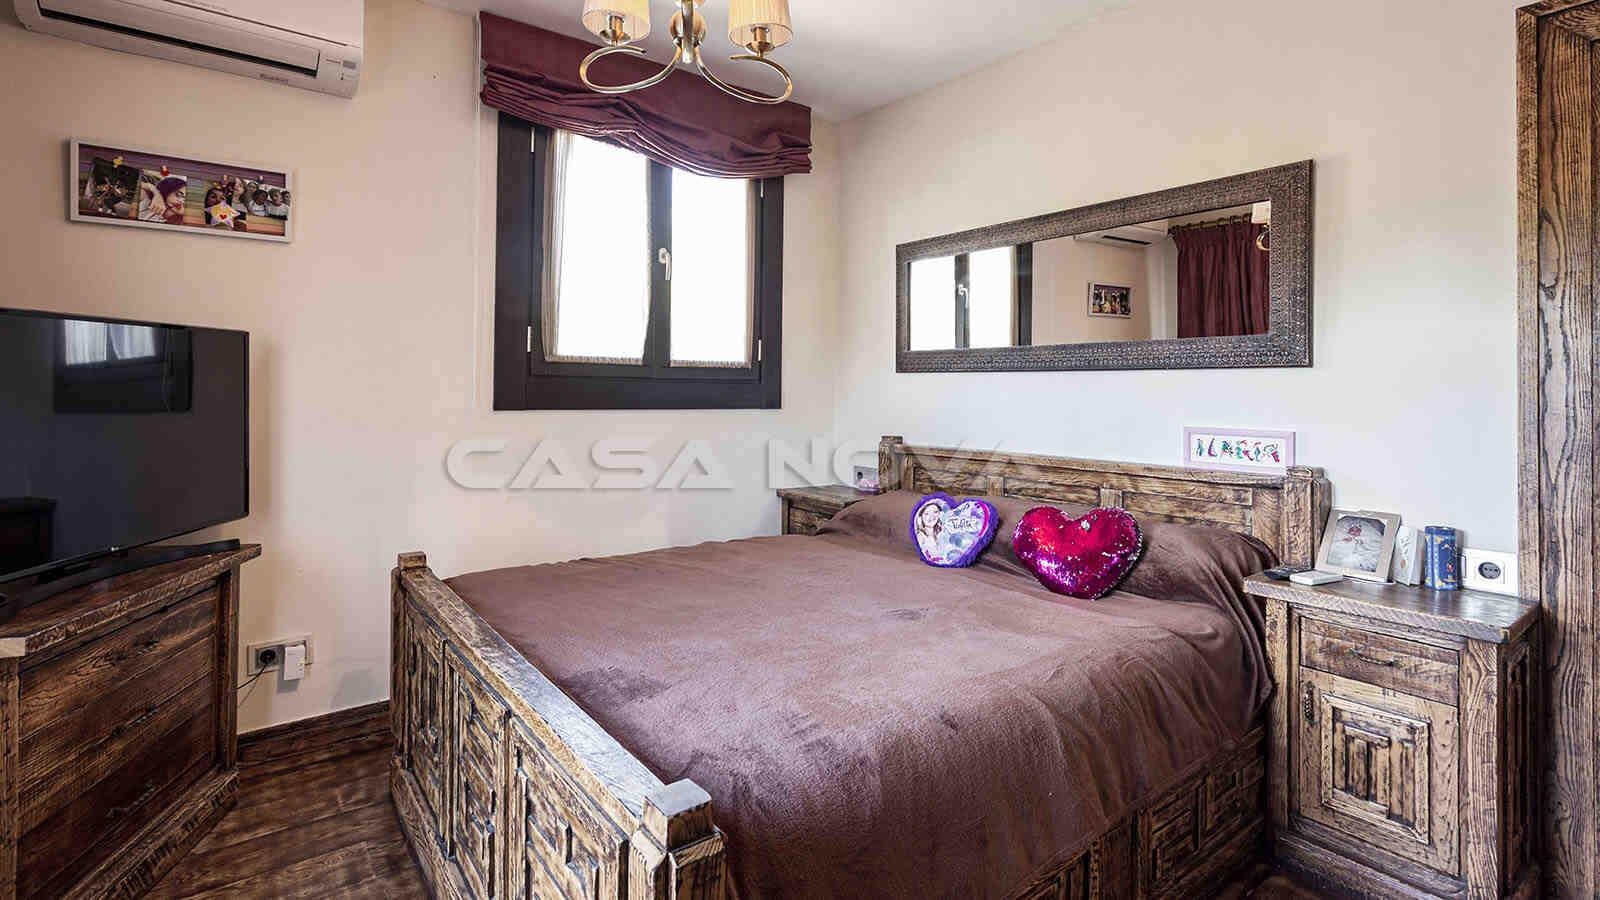 Helles Schlafzimmer mit mediterranen Elementen